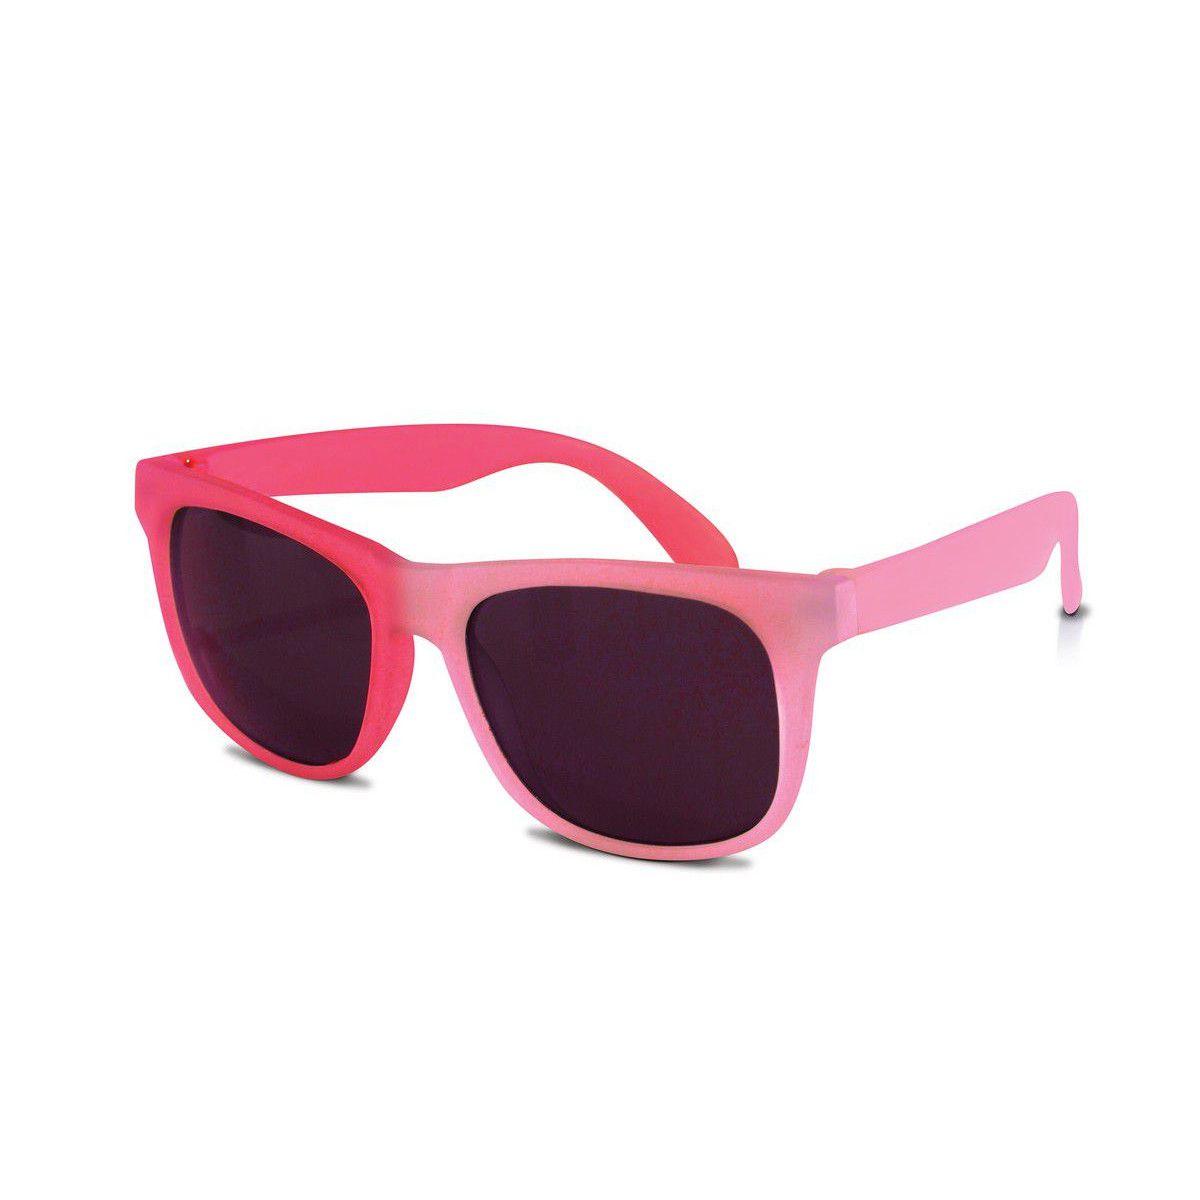 Óculos de Sol Switch Rosa Claro para Escuro Real Shades